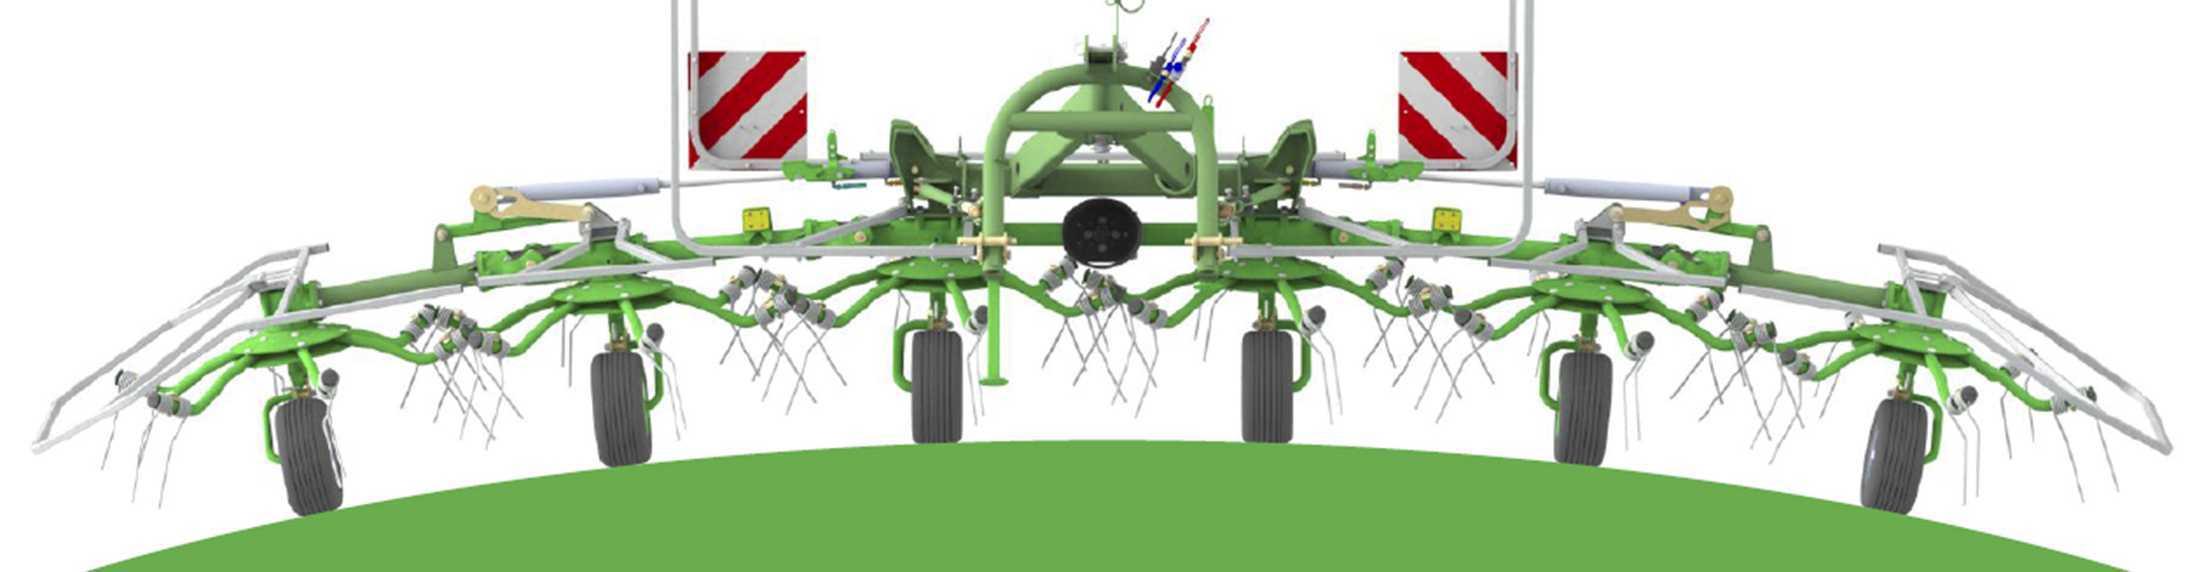 Ворошилка роторная P4-470